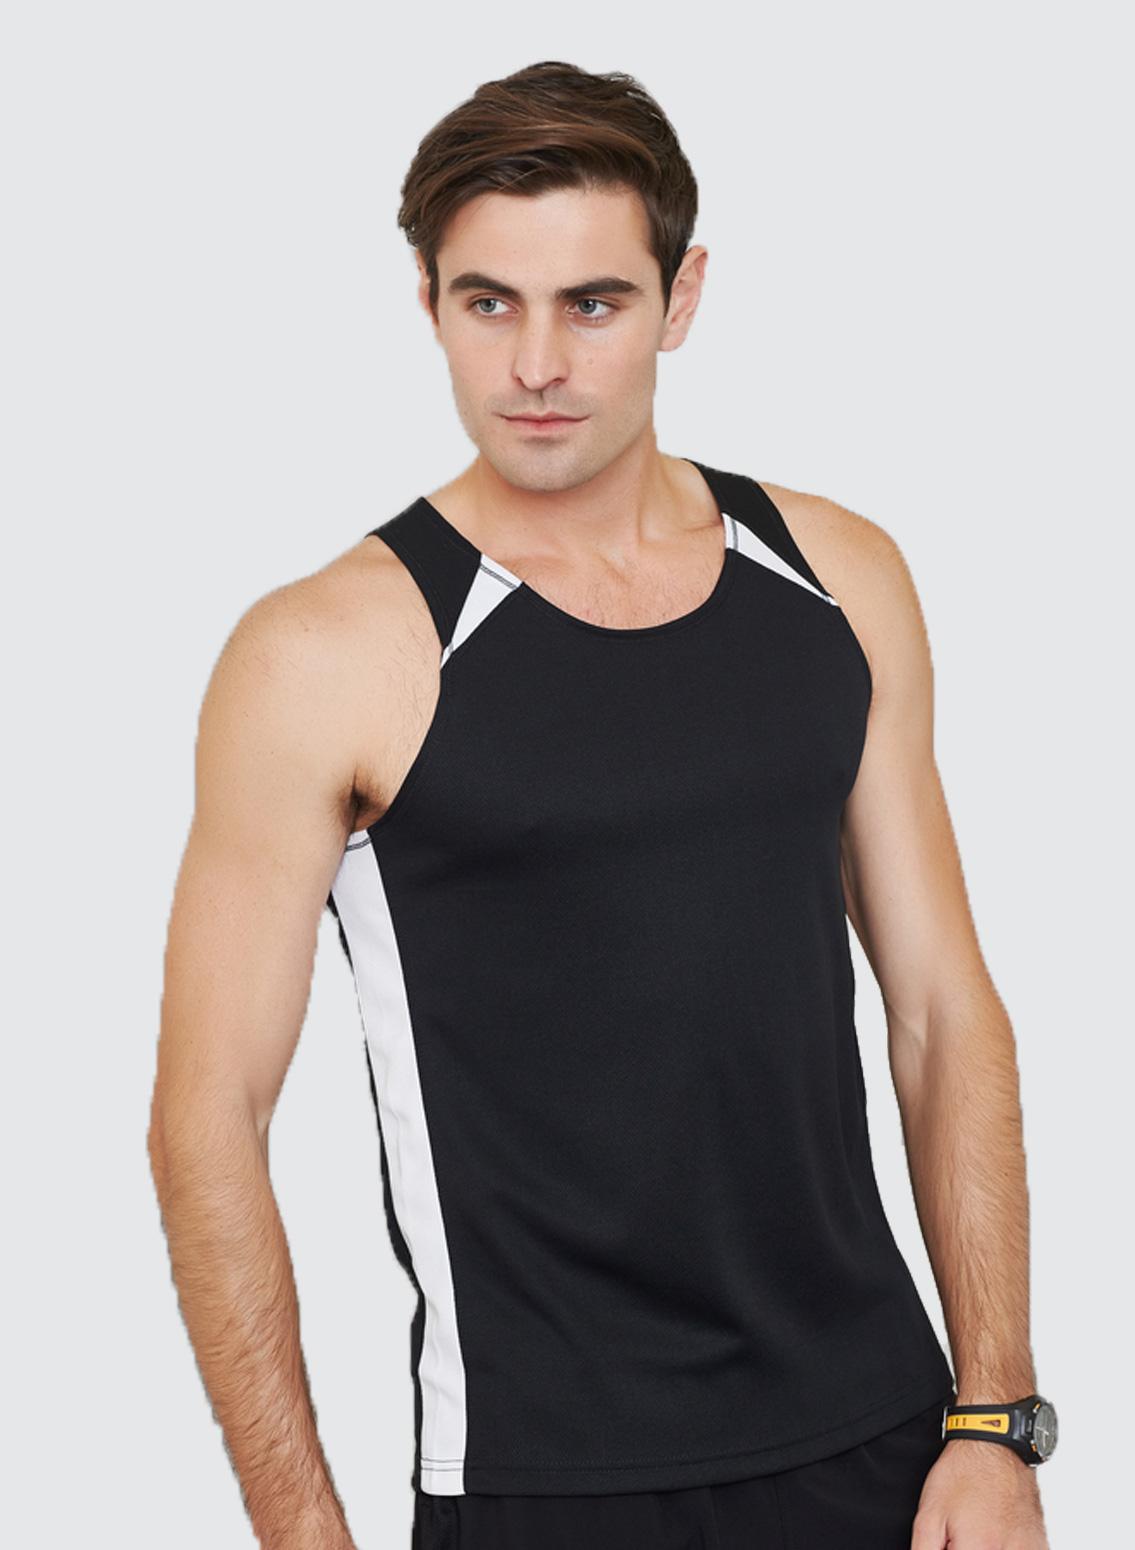 Mv903 mens splice singlet business image group for Singlet shirt for mens